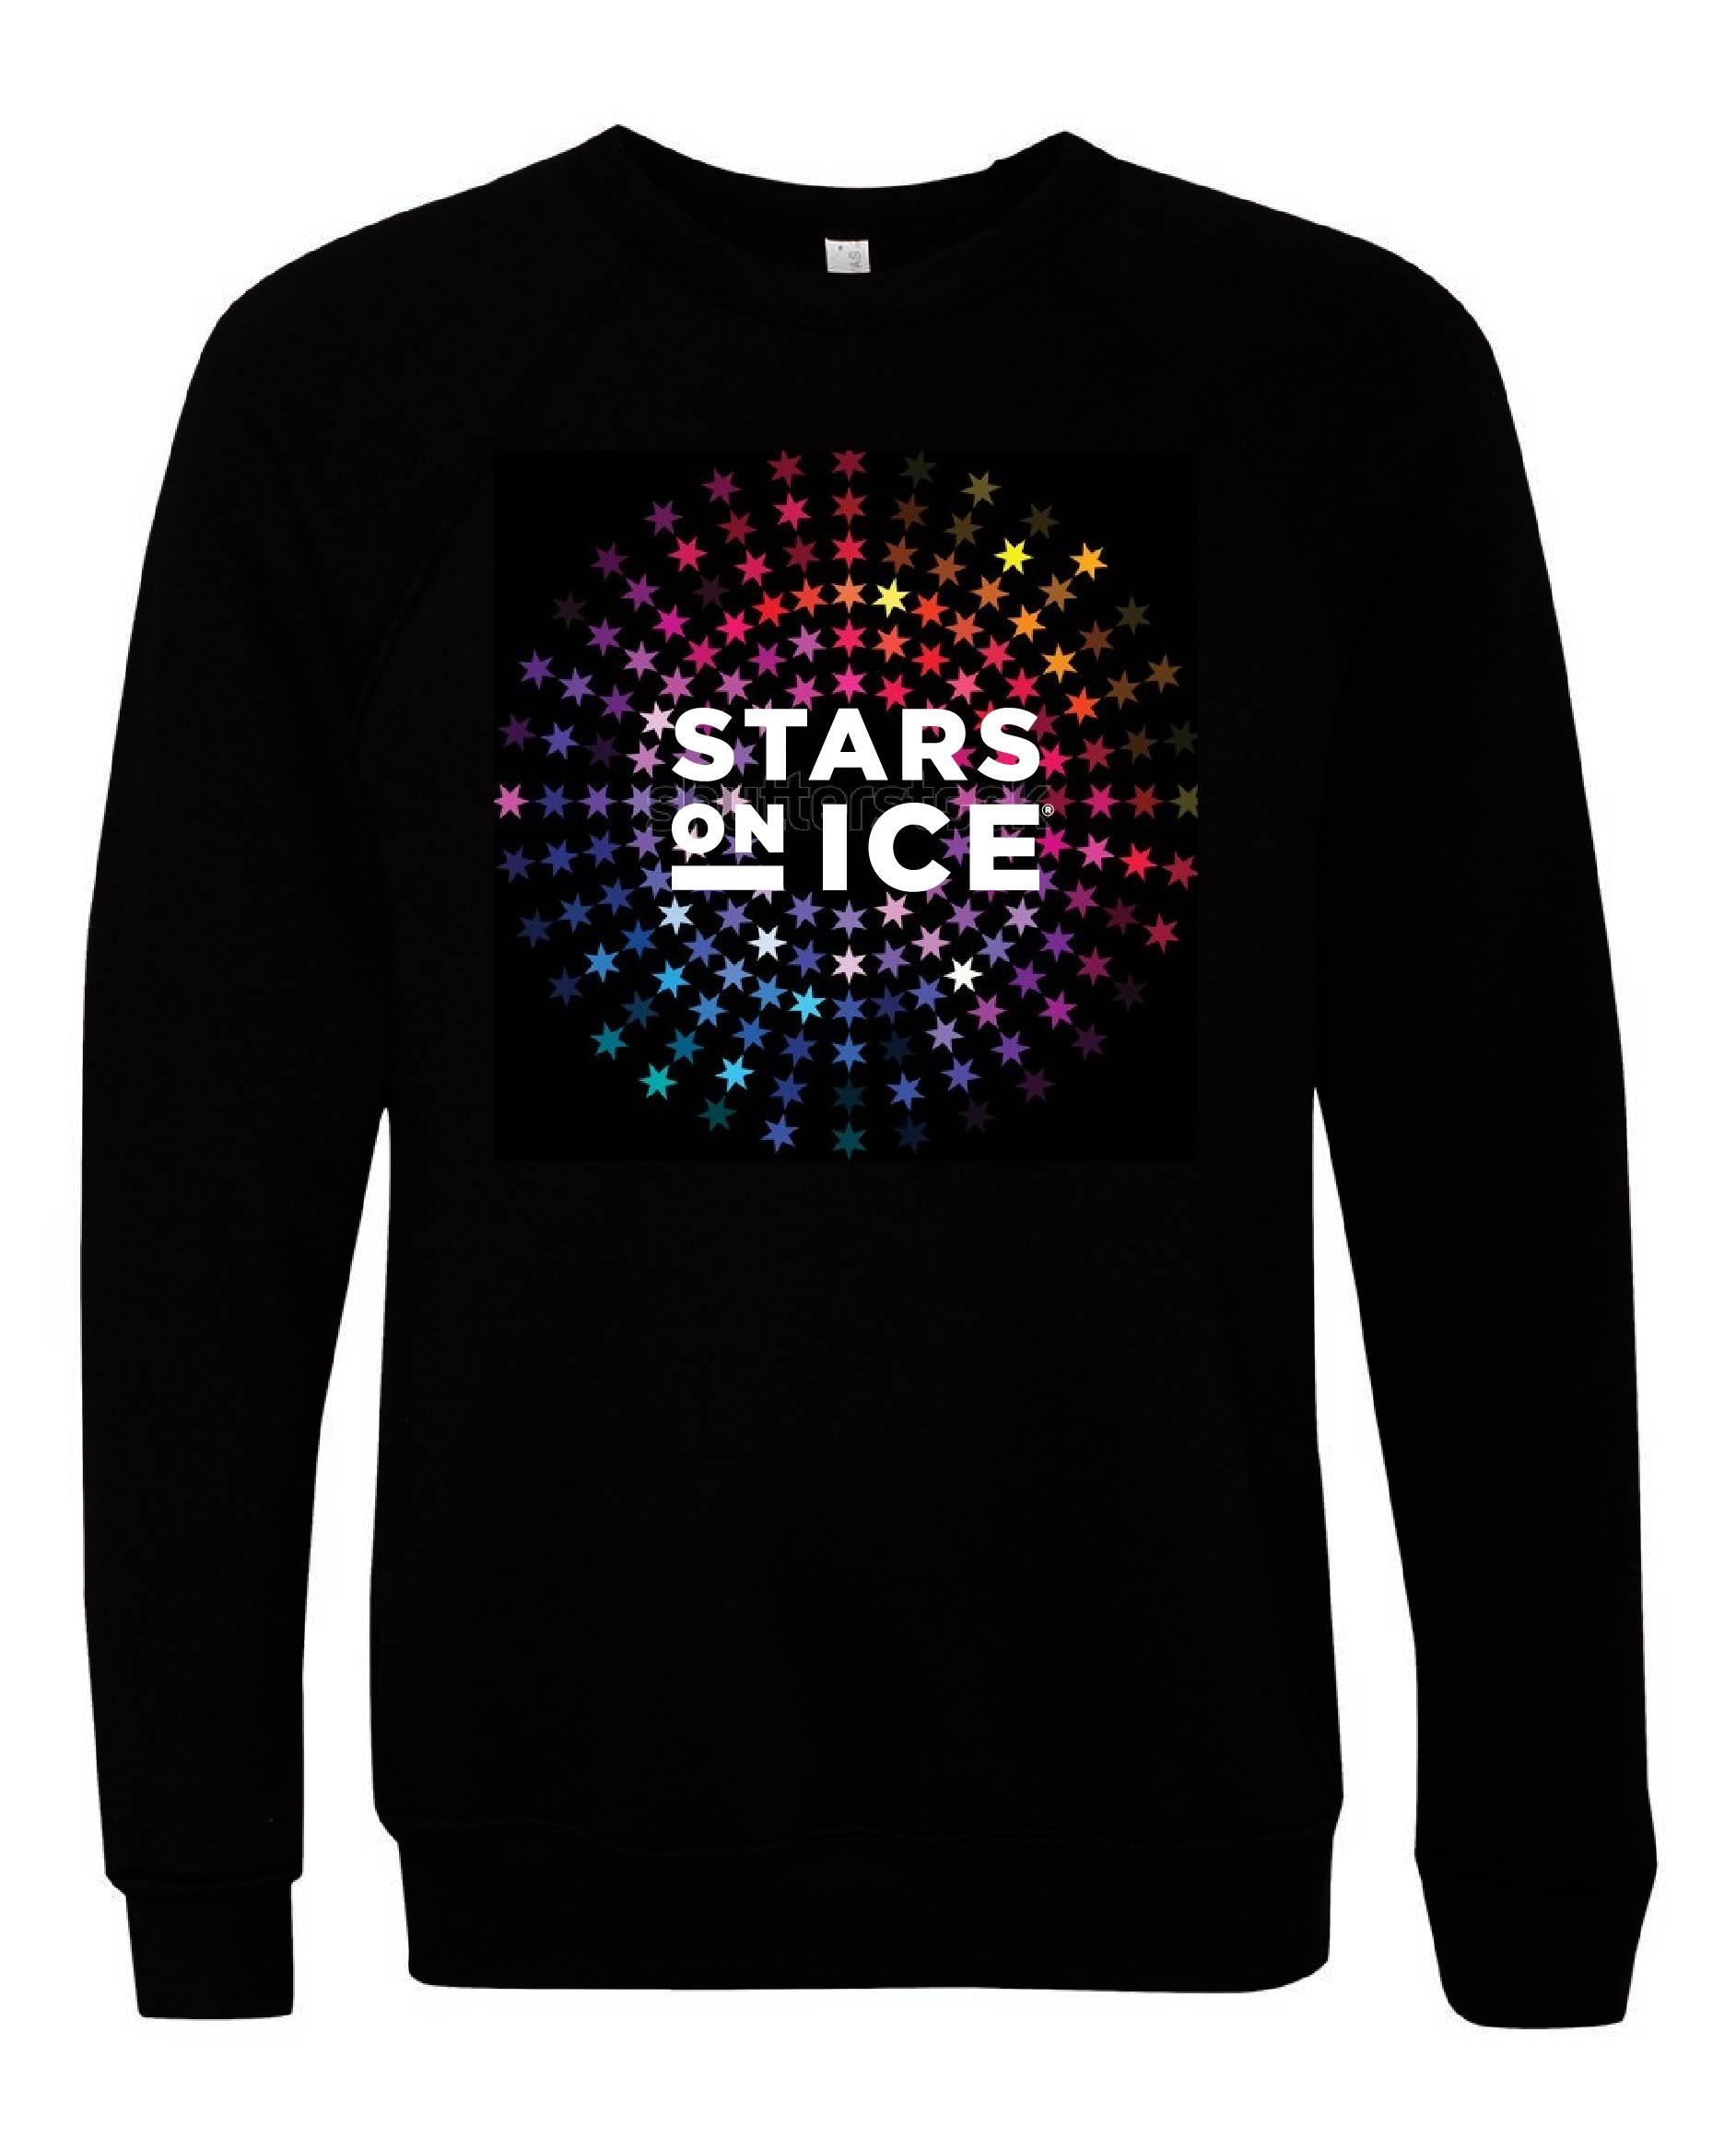 2019 Stars on Ice Tour Sweatshirt